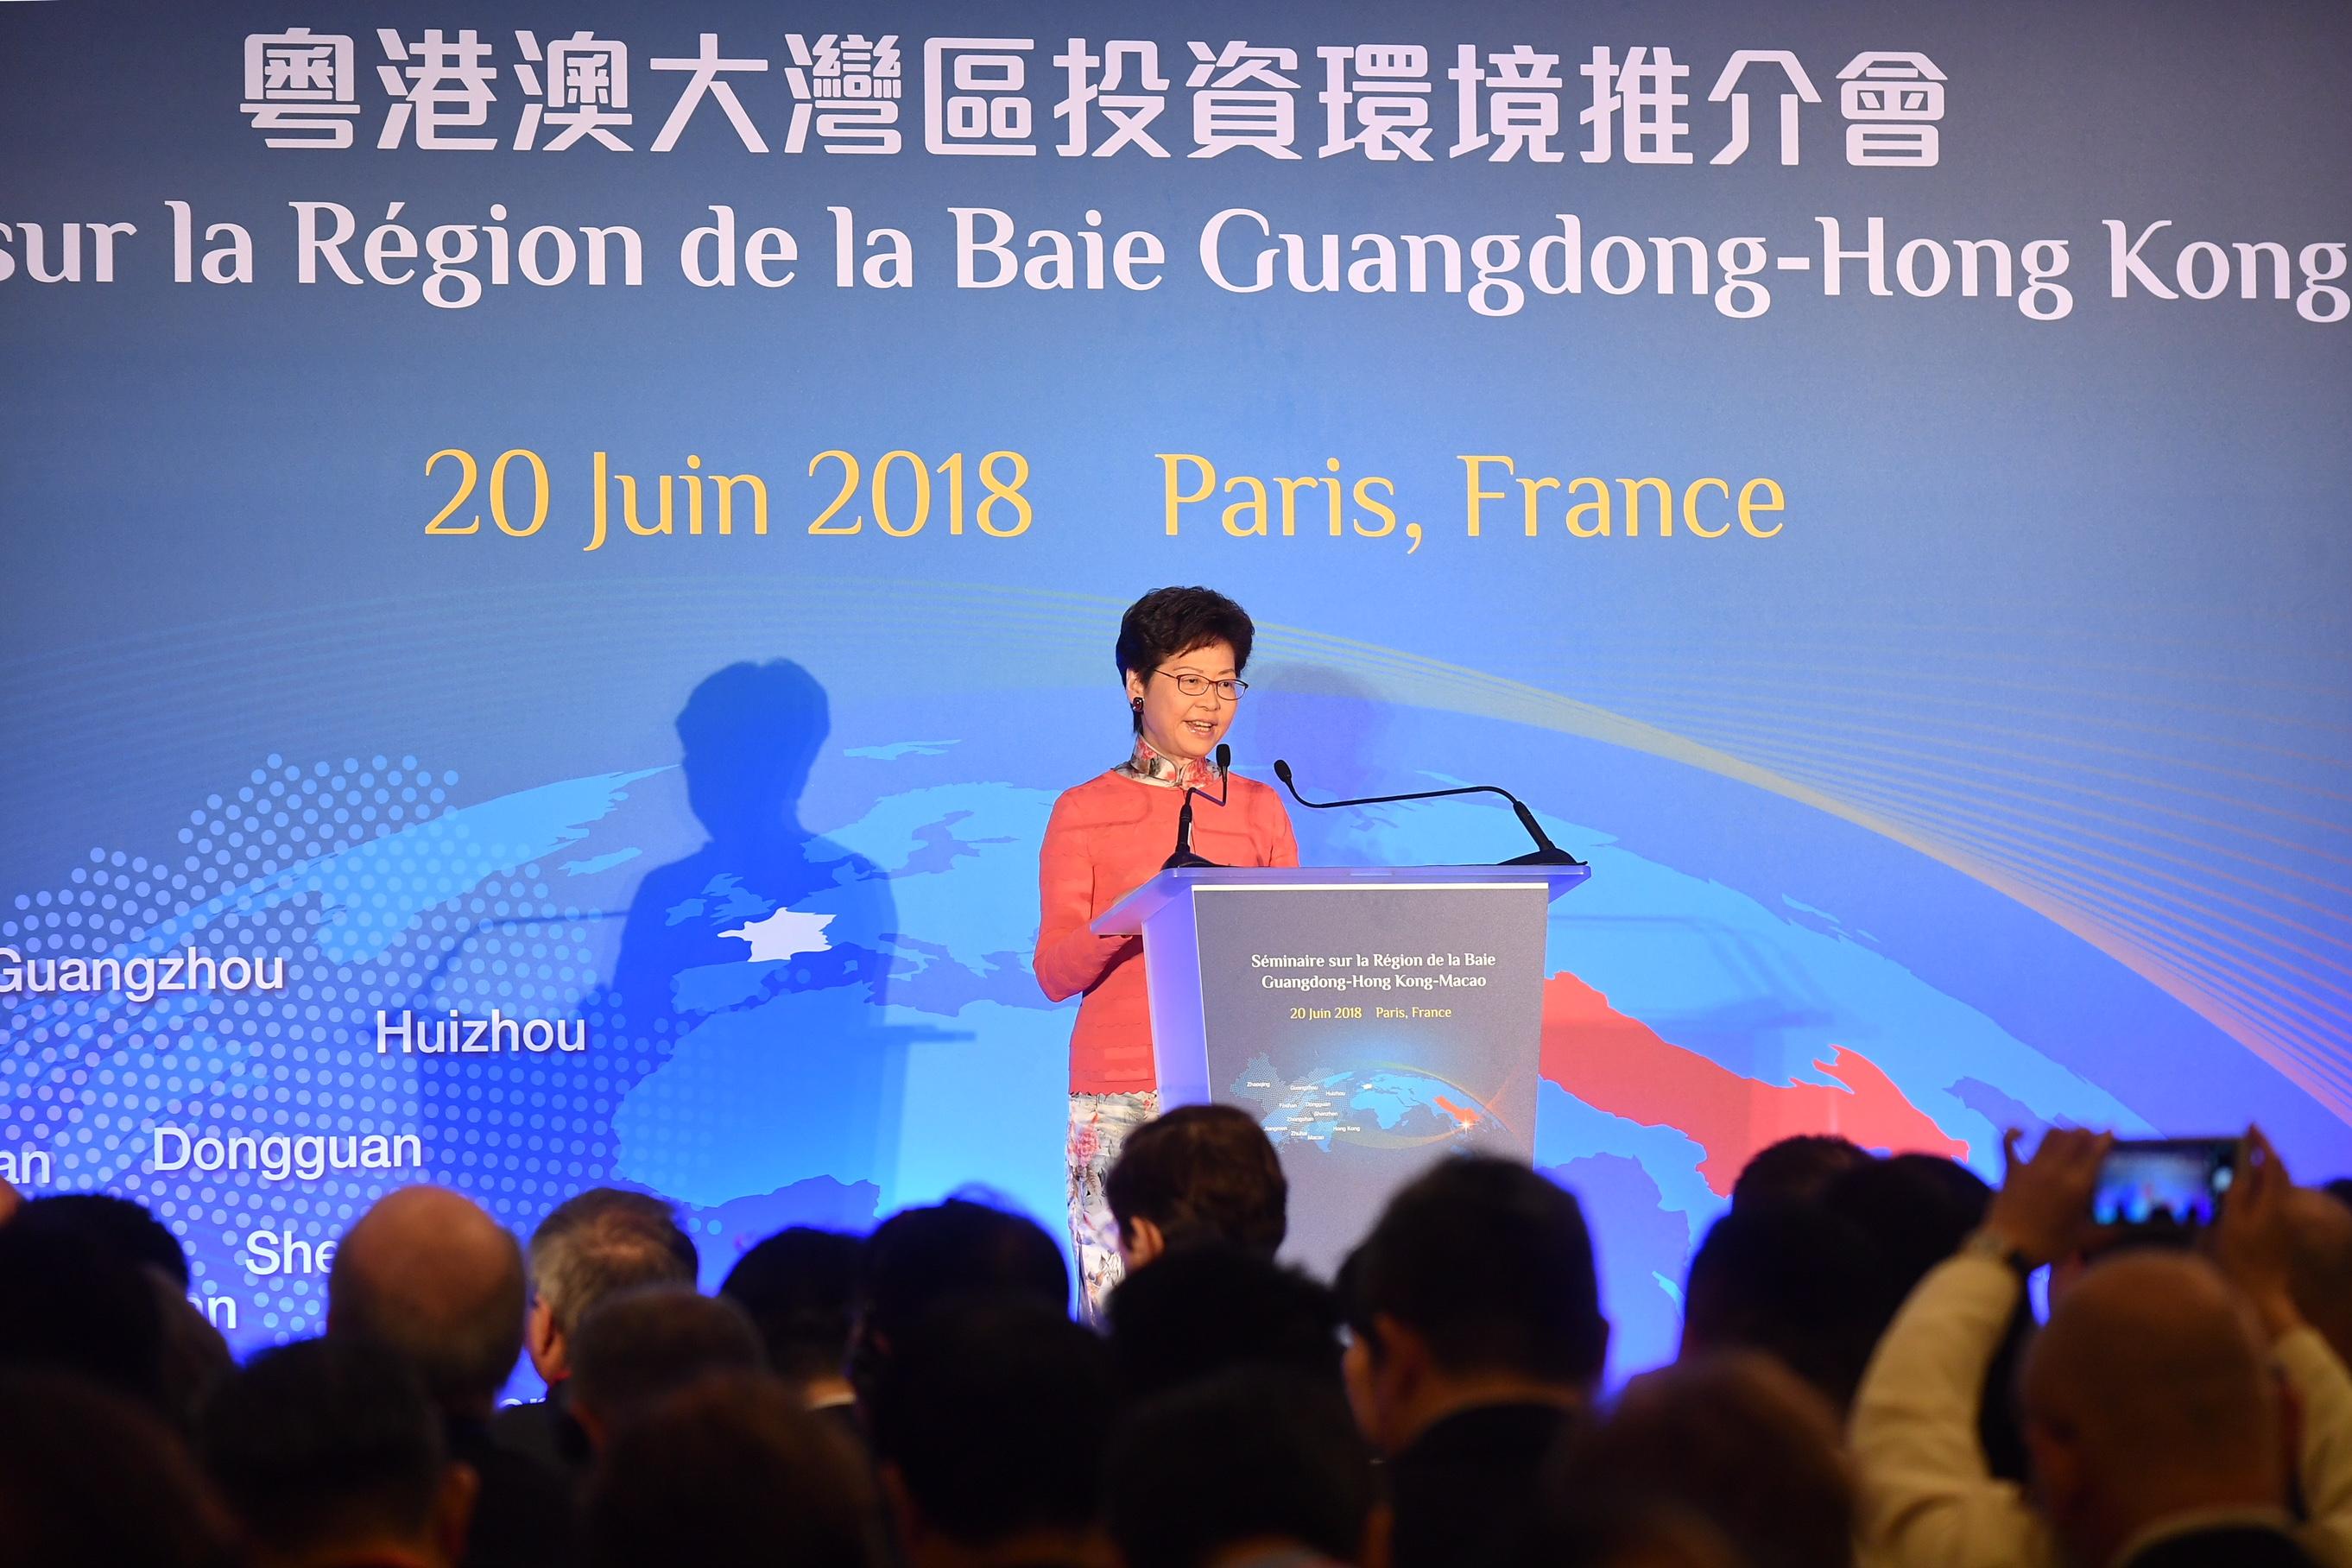 林鄭月娥在巴黎推廣「一帶一路」及大灣區